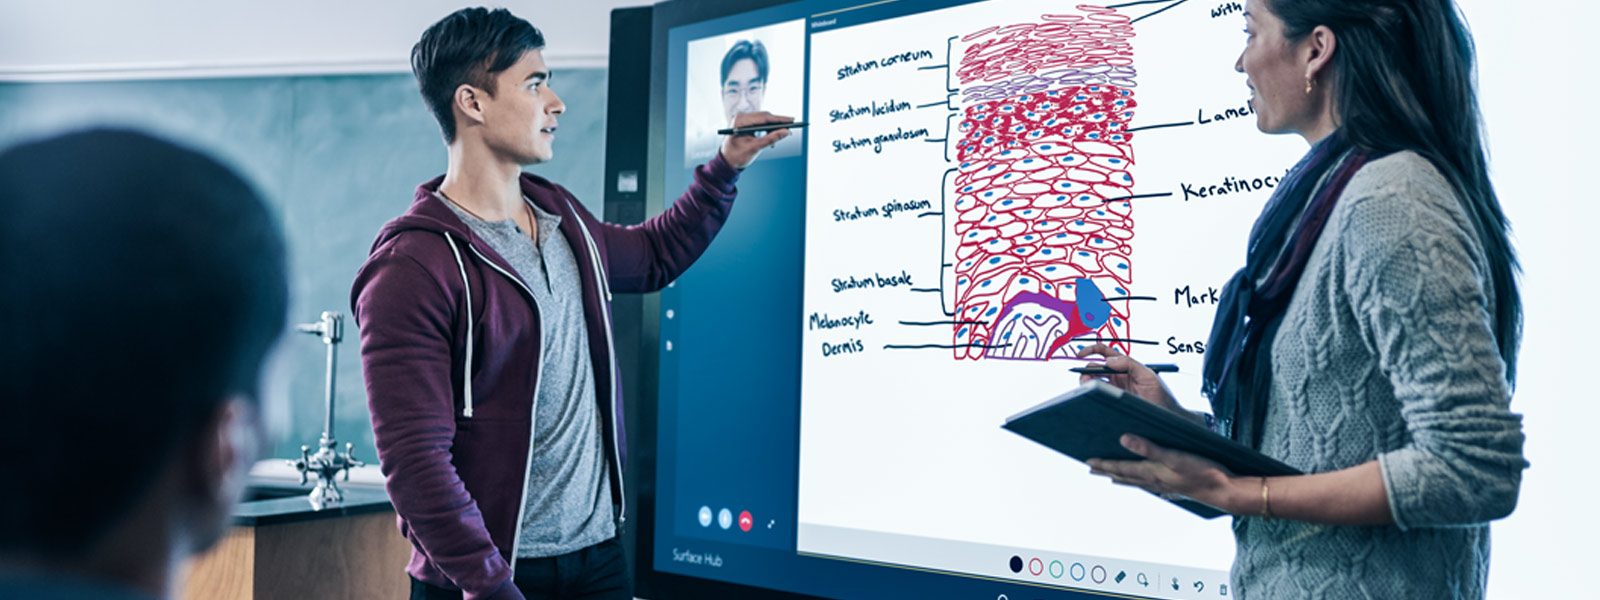 : In einem Klassenraum arbeiten zwei Studenten mit Surface Pen an einem Surface Hub-Bildschirm und verwenden dabei Skype und Microsoft Whiteboard.